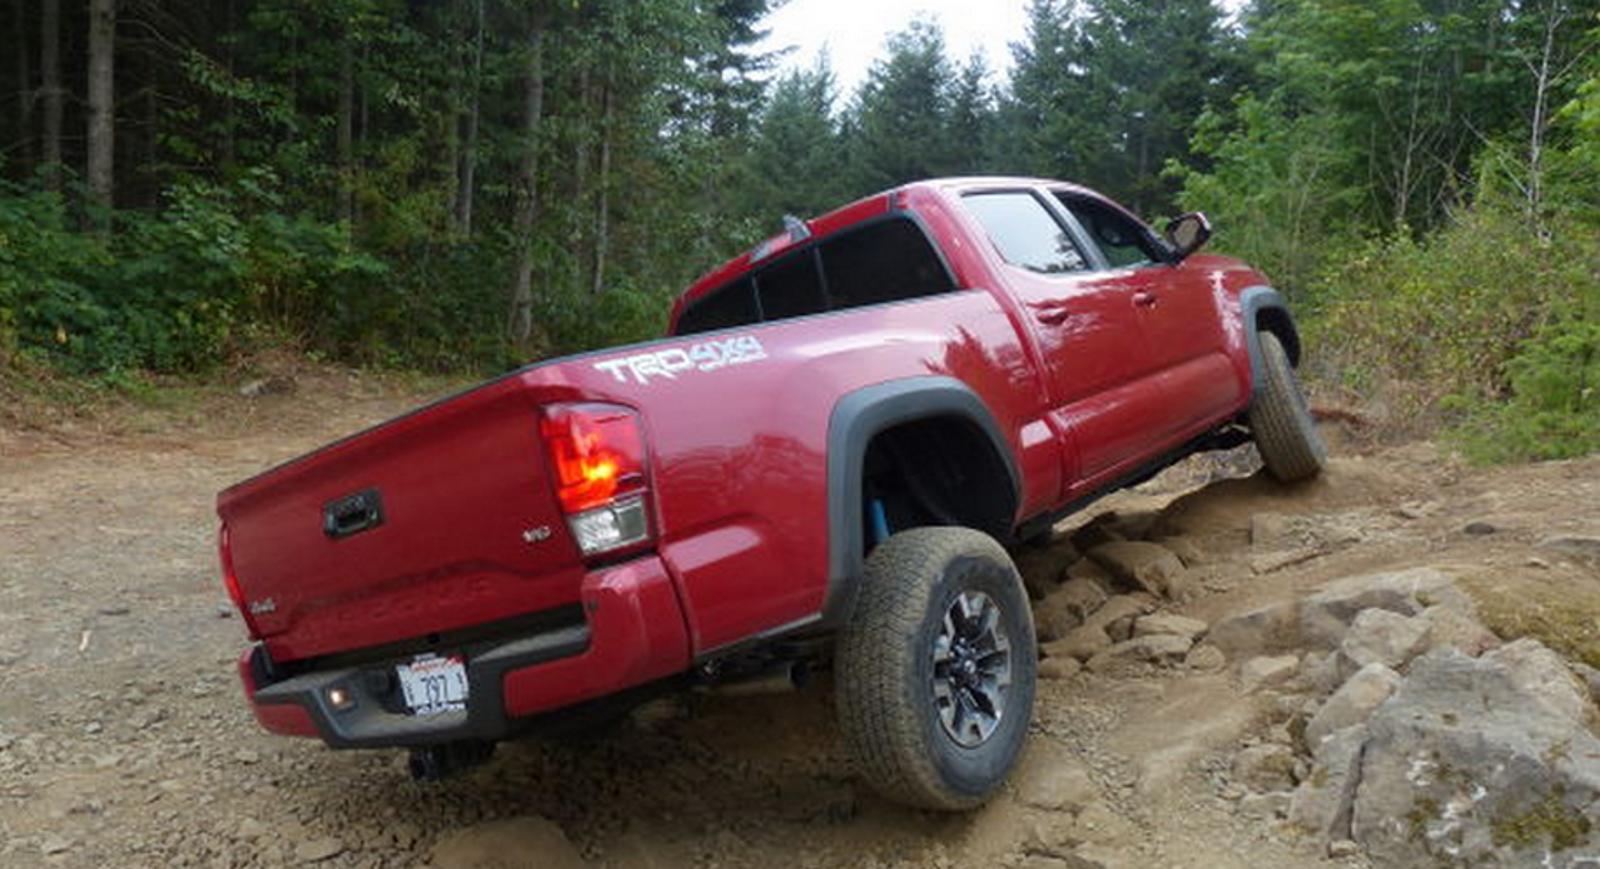 Camiones de tamaño medio no necesitan marcos